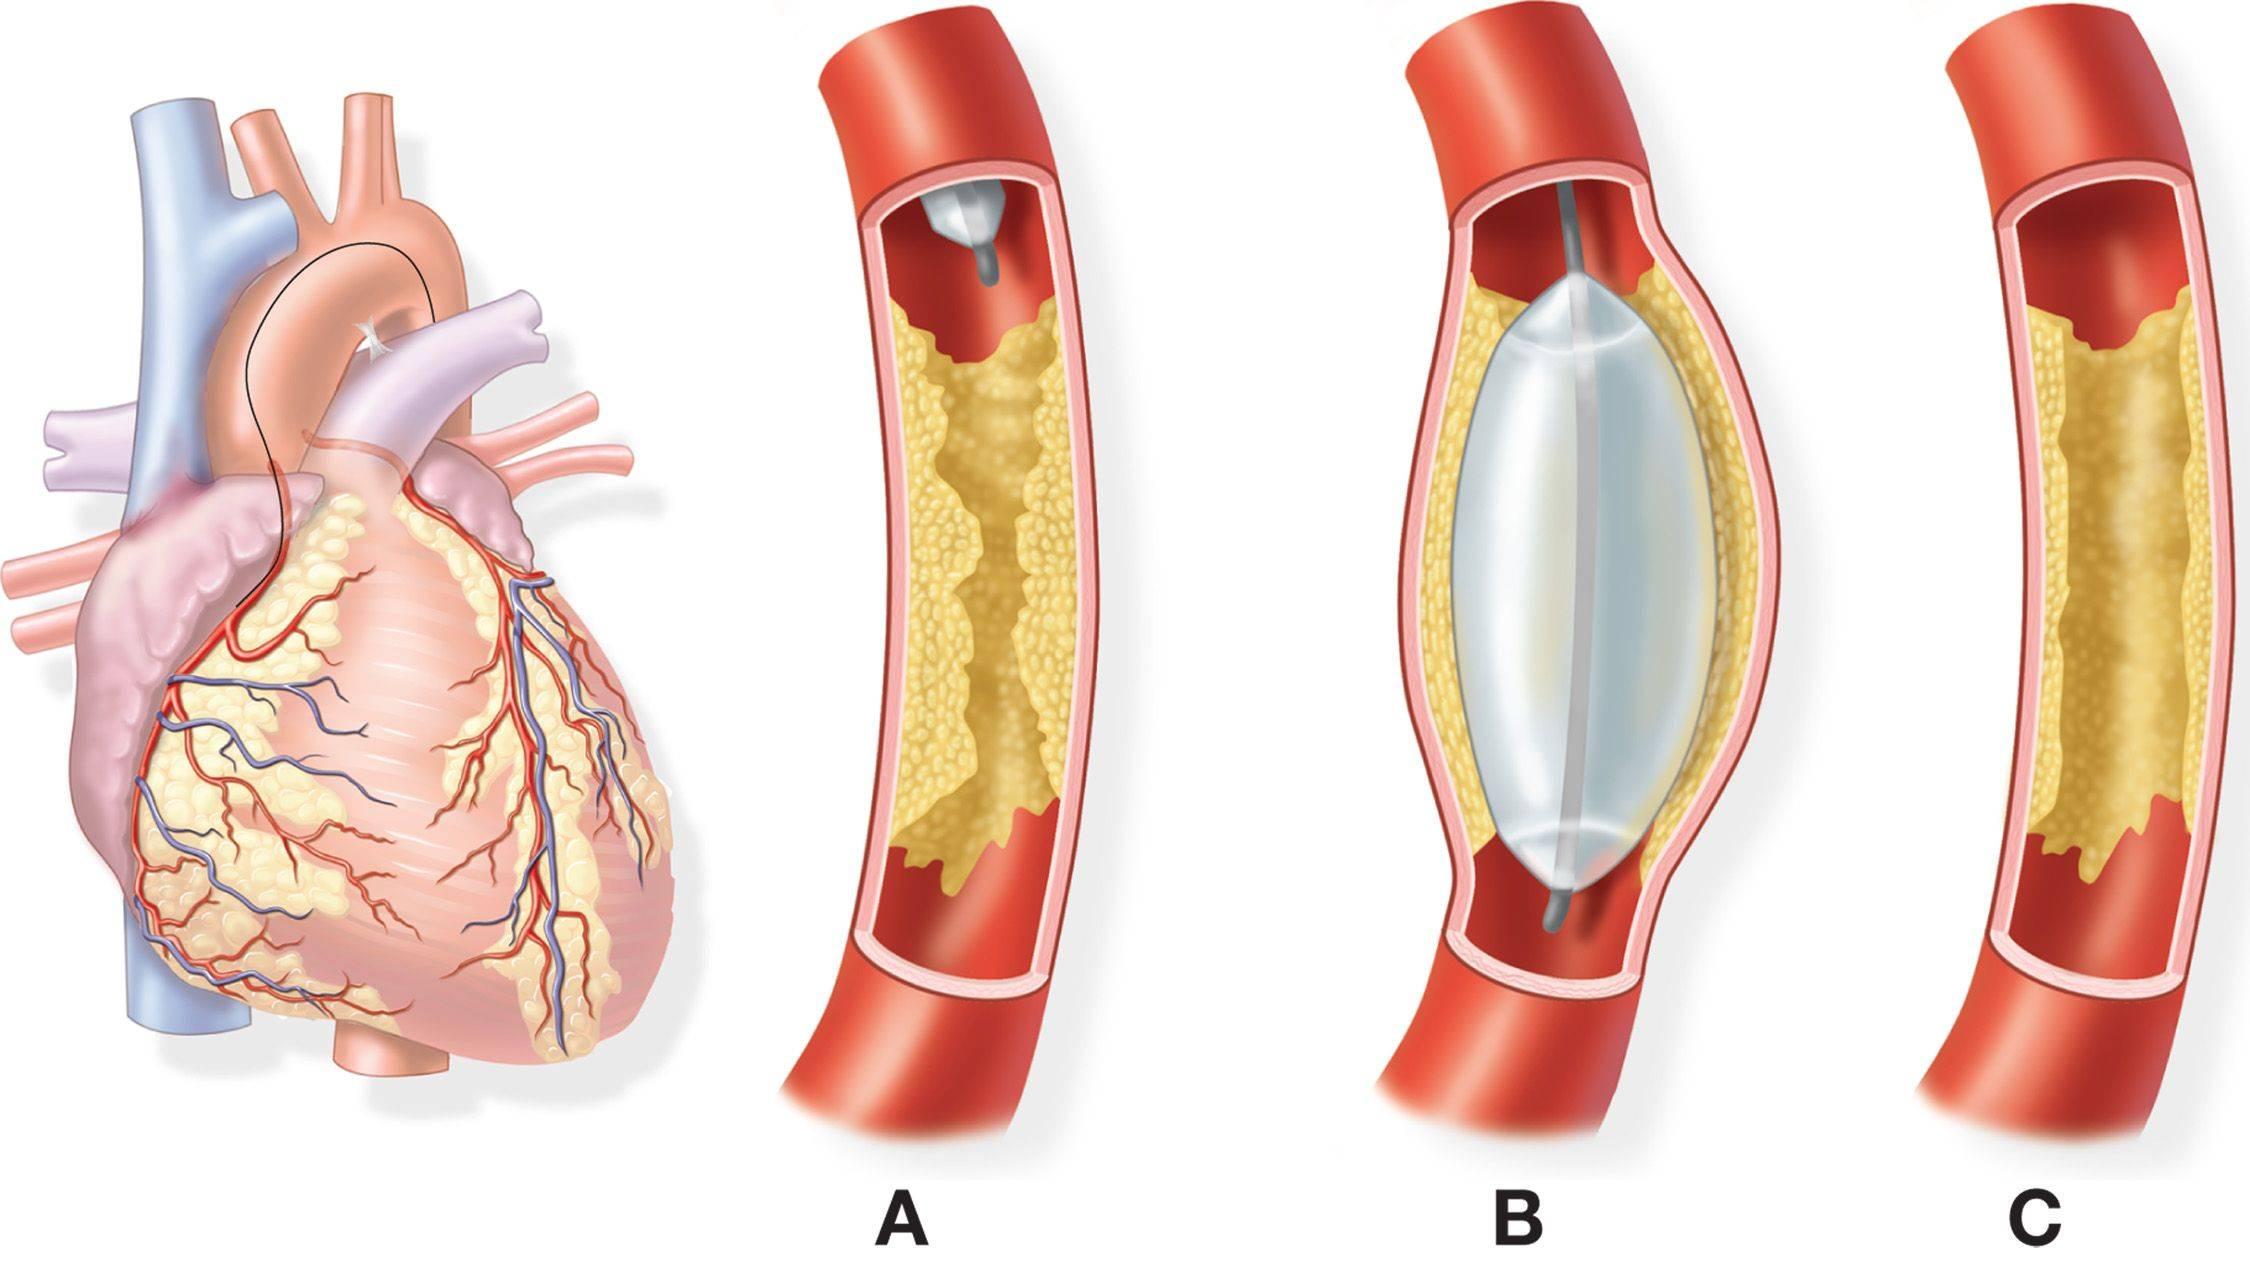 транслюминальная баллонная ангиопластика